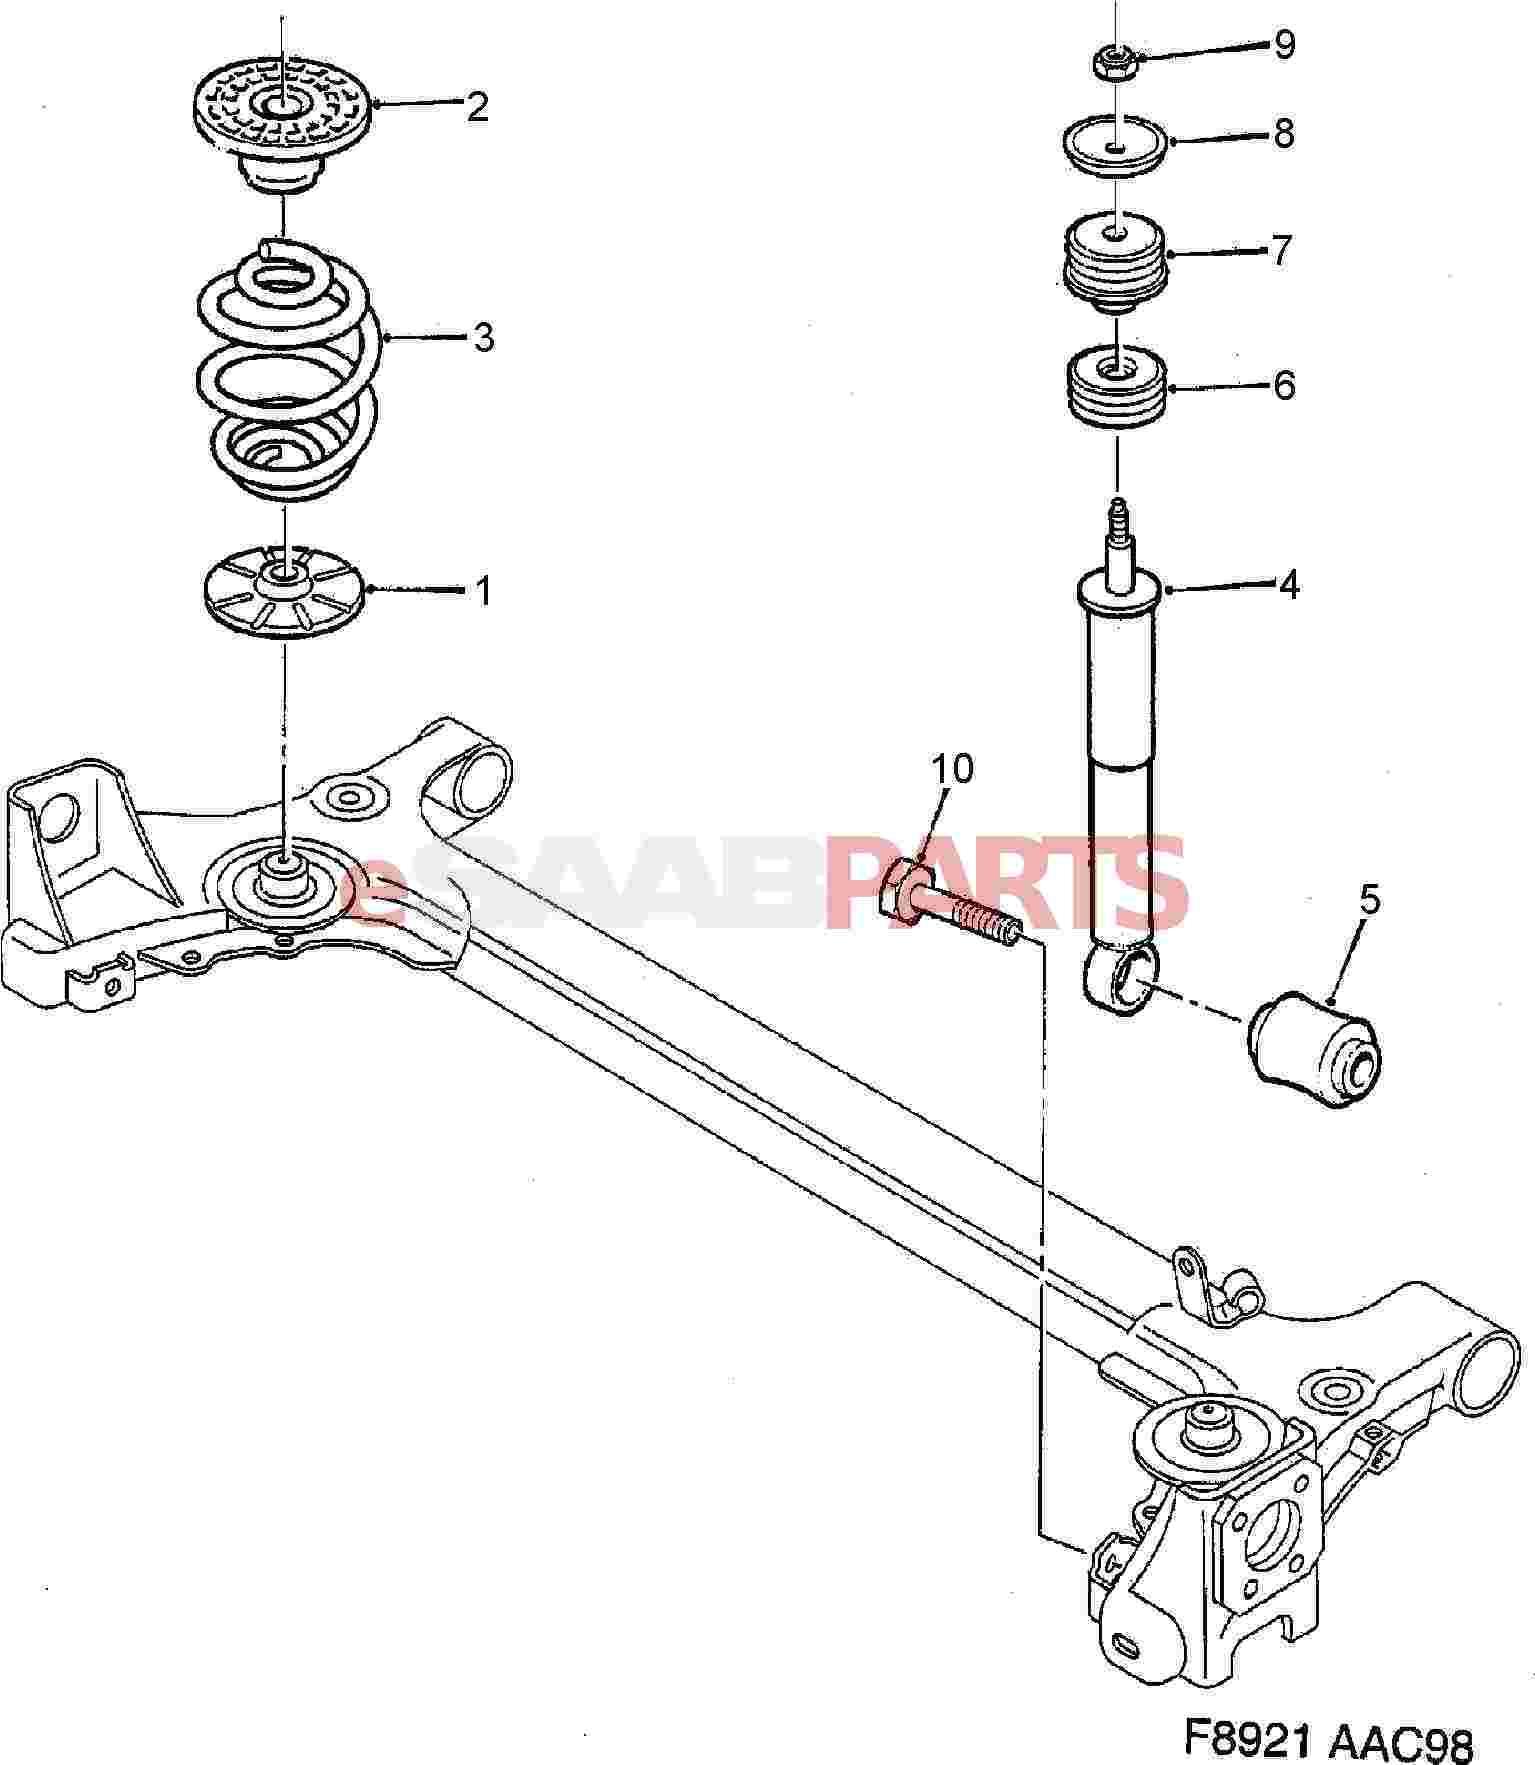 Parts.com® | Saab CONSOLE CENTER CONSOLE REAR ASHTRAY REAR ASHTRAY ...